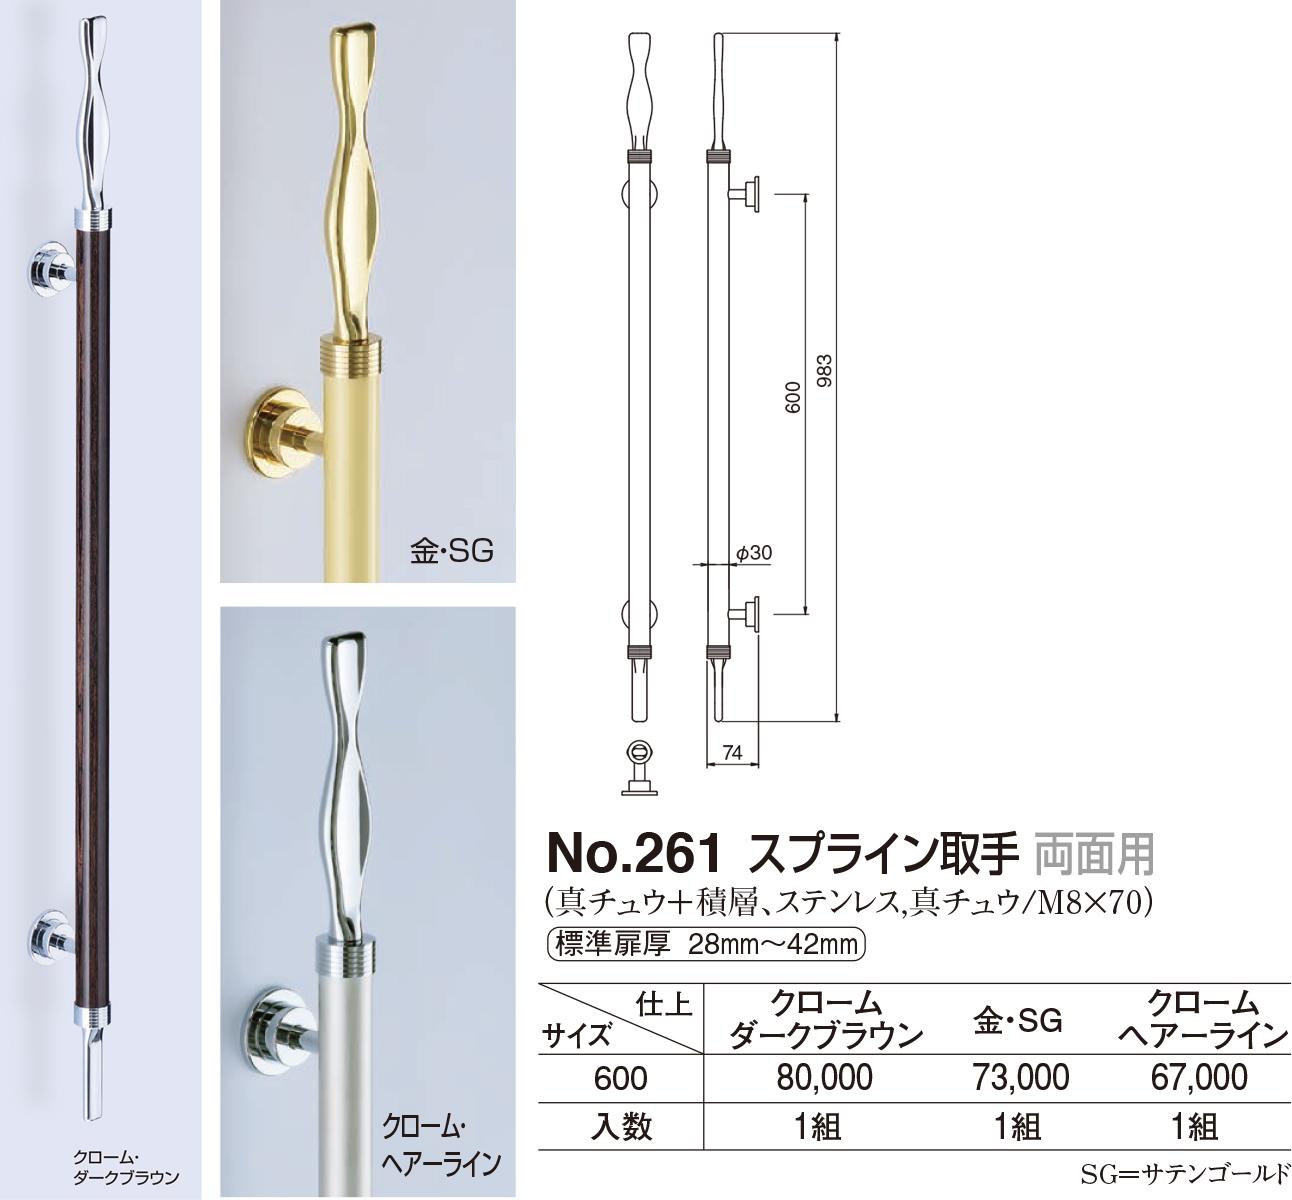 【シロクマ】スプライン取手 両面用 No.261 600mm クローム・ダークブラウン